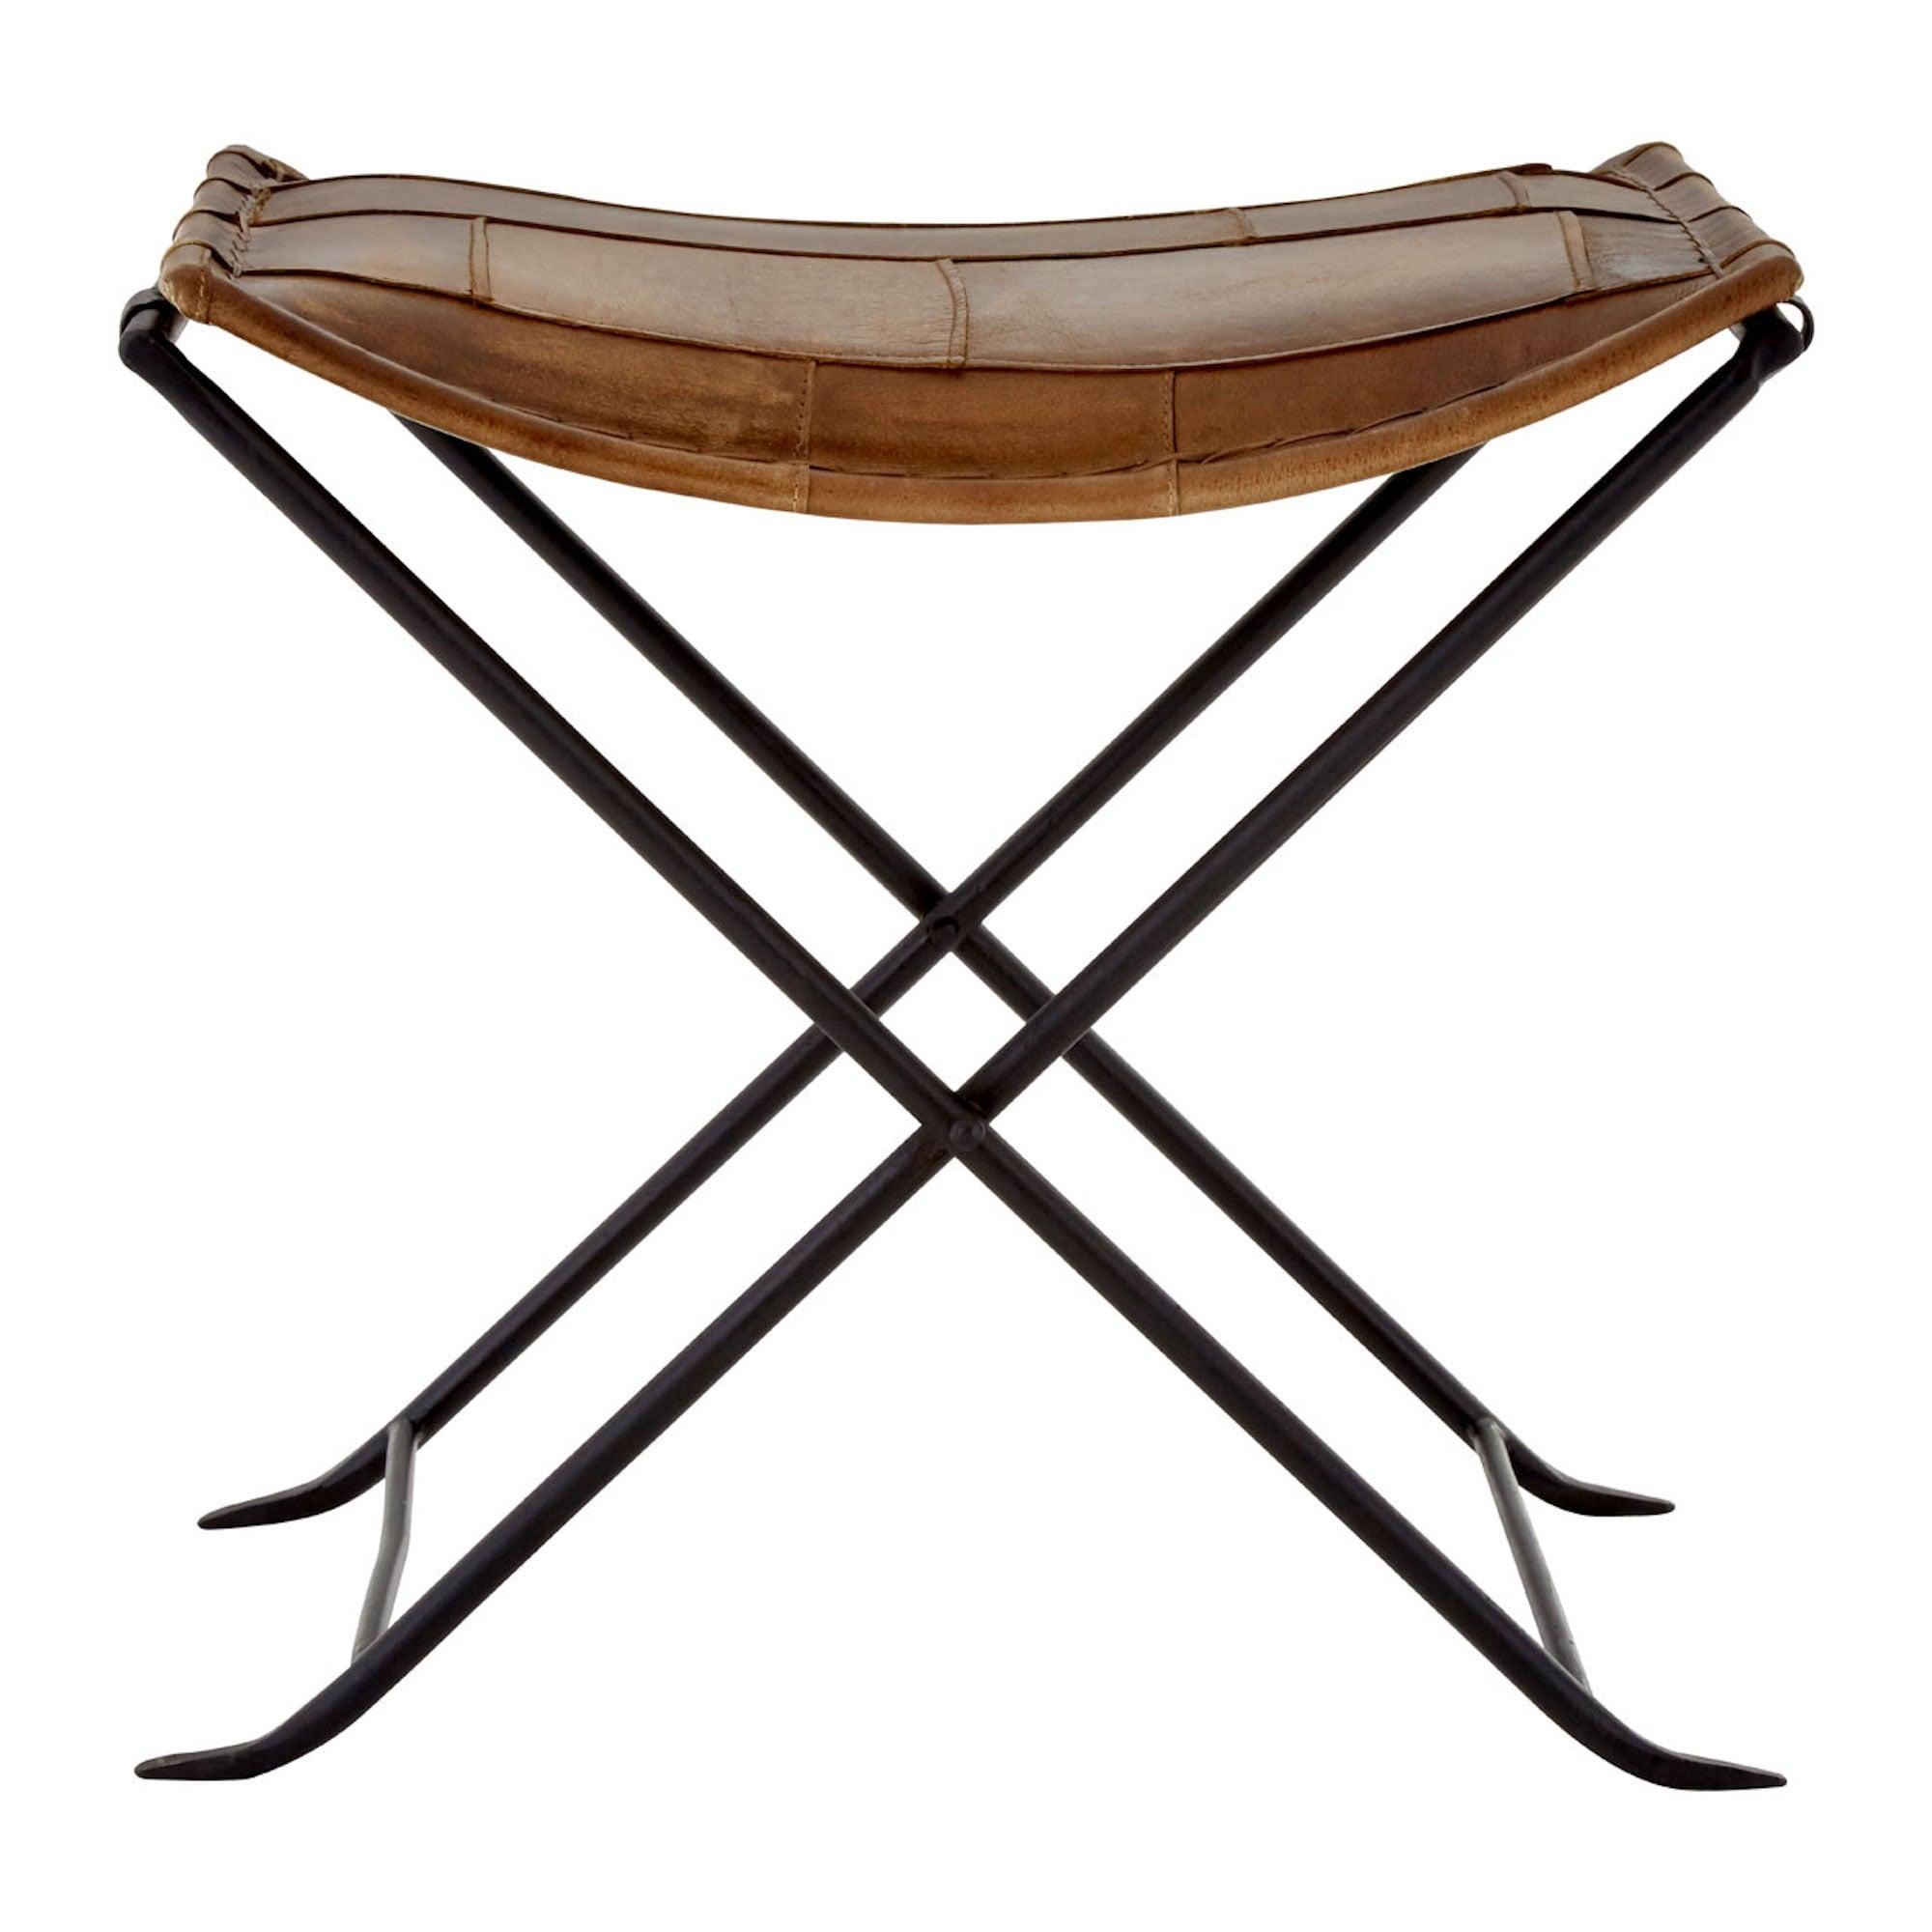 Buffalo Leather Folding Stool Iron Frame Bed Bath